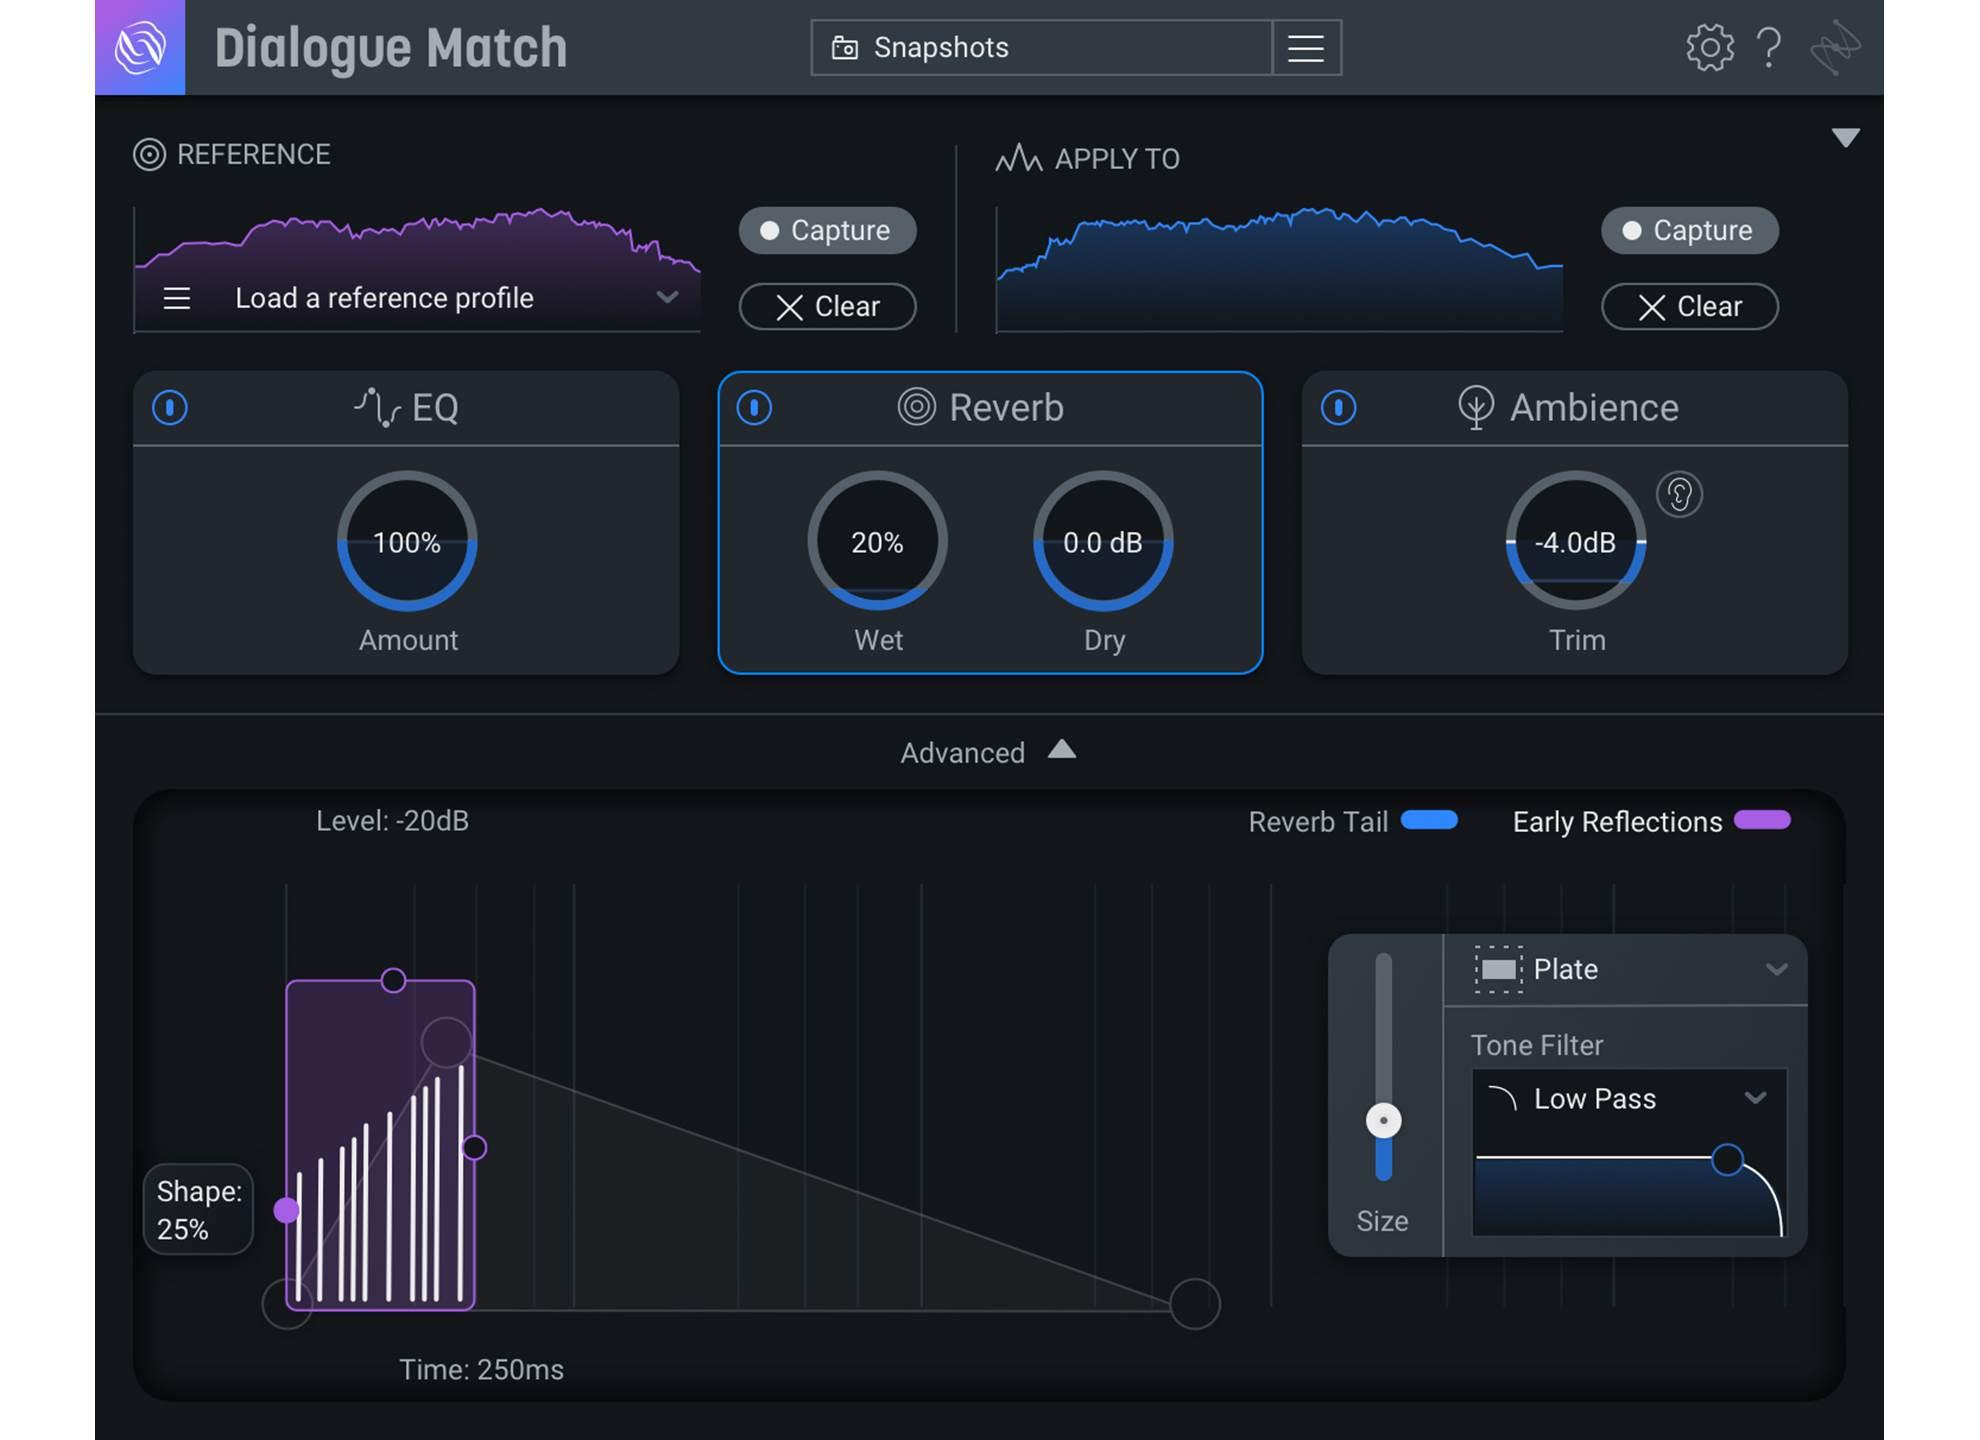 Dialogue Match Crossgrade RX 1-7 Advanced